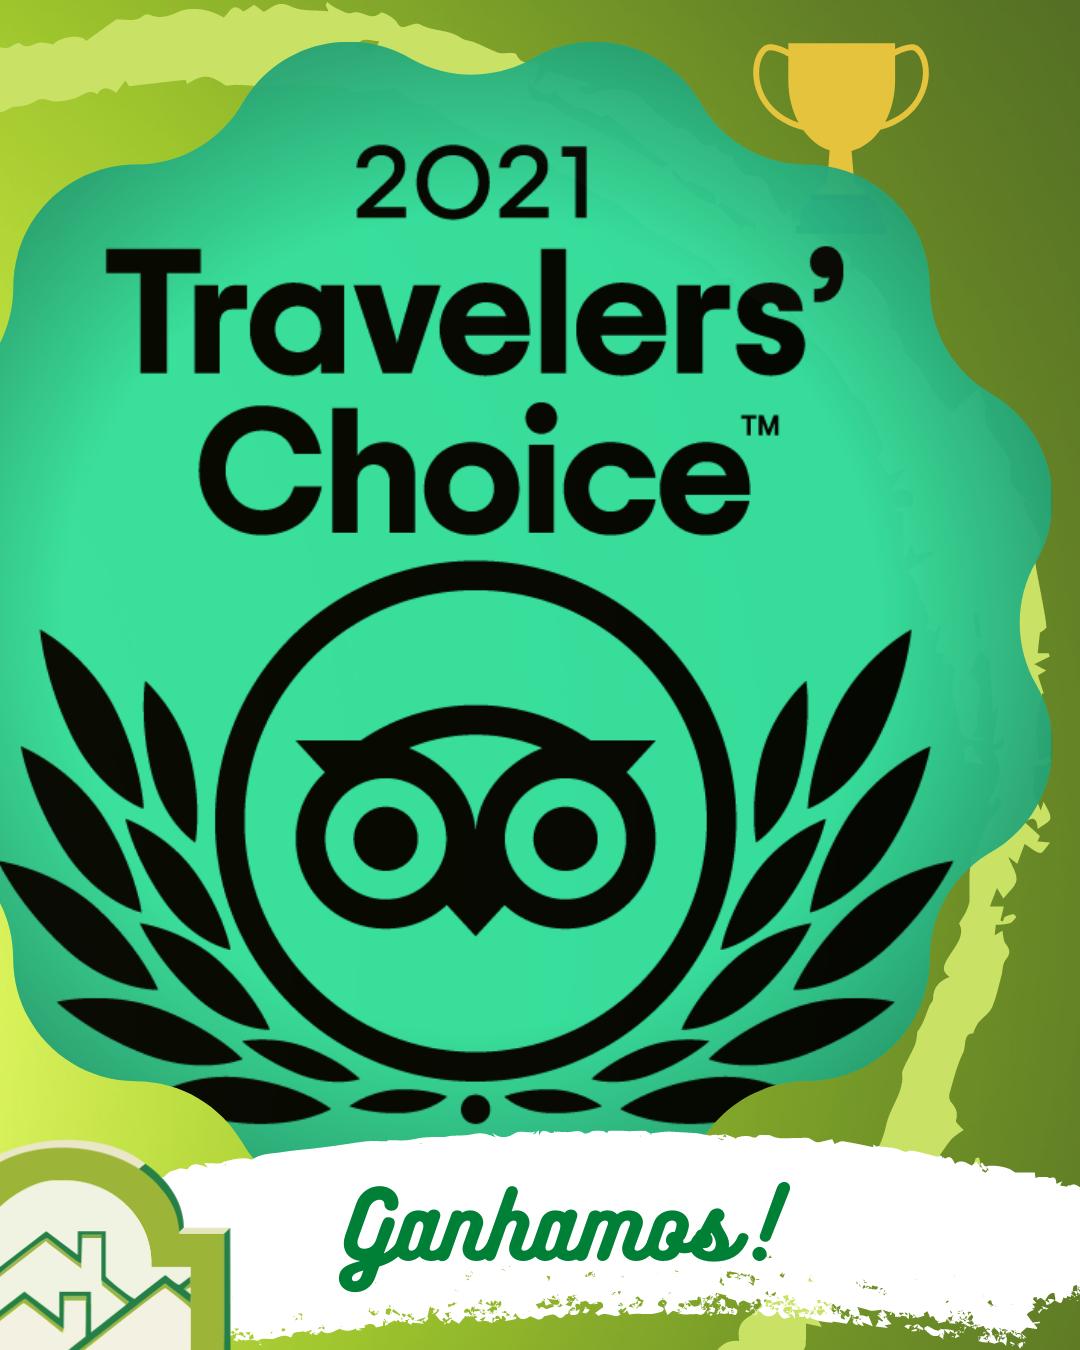 O Hotel Bangalôs da Serra de Gramado recebe novamente o Prêmio Travellers' Choice 2021 do TripAdvisor. Obrigado a todos nossos hóspedes, colaboradores e parceiros!